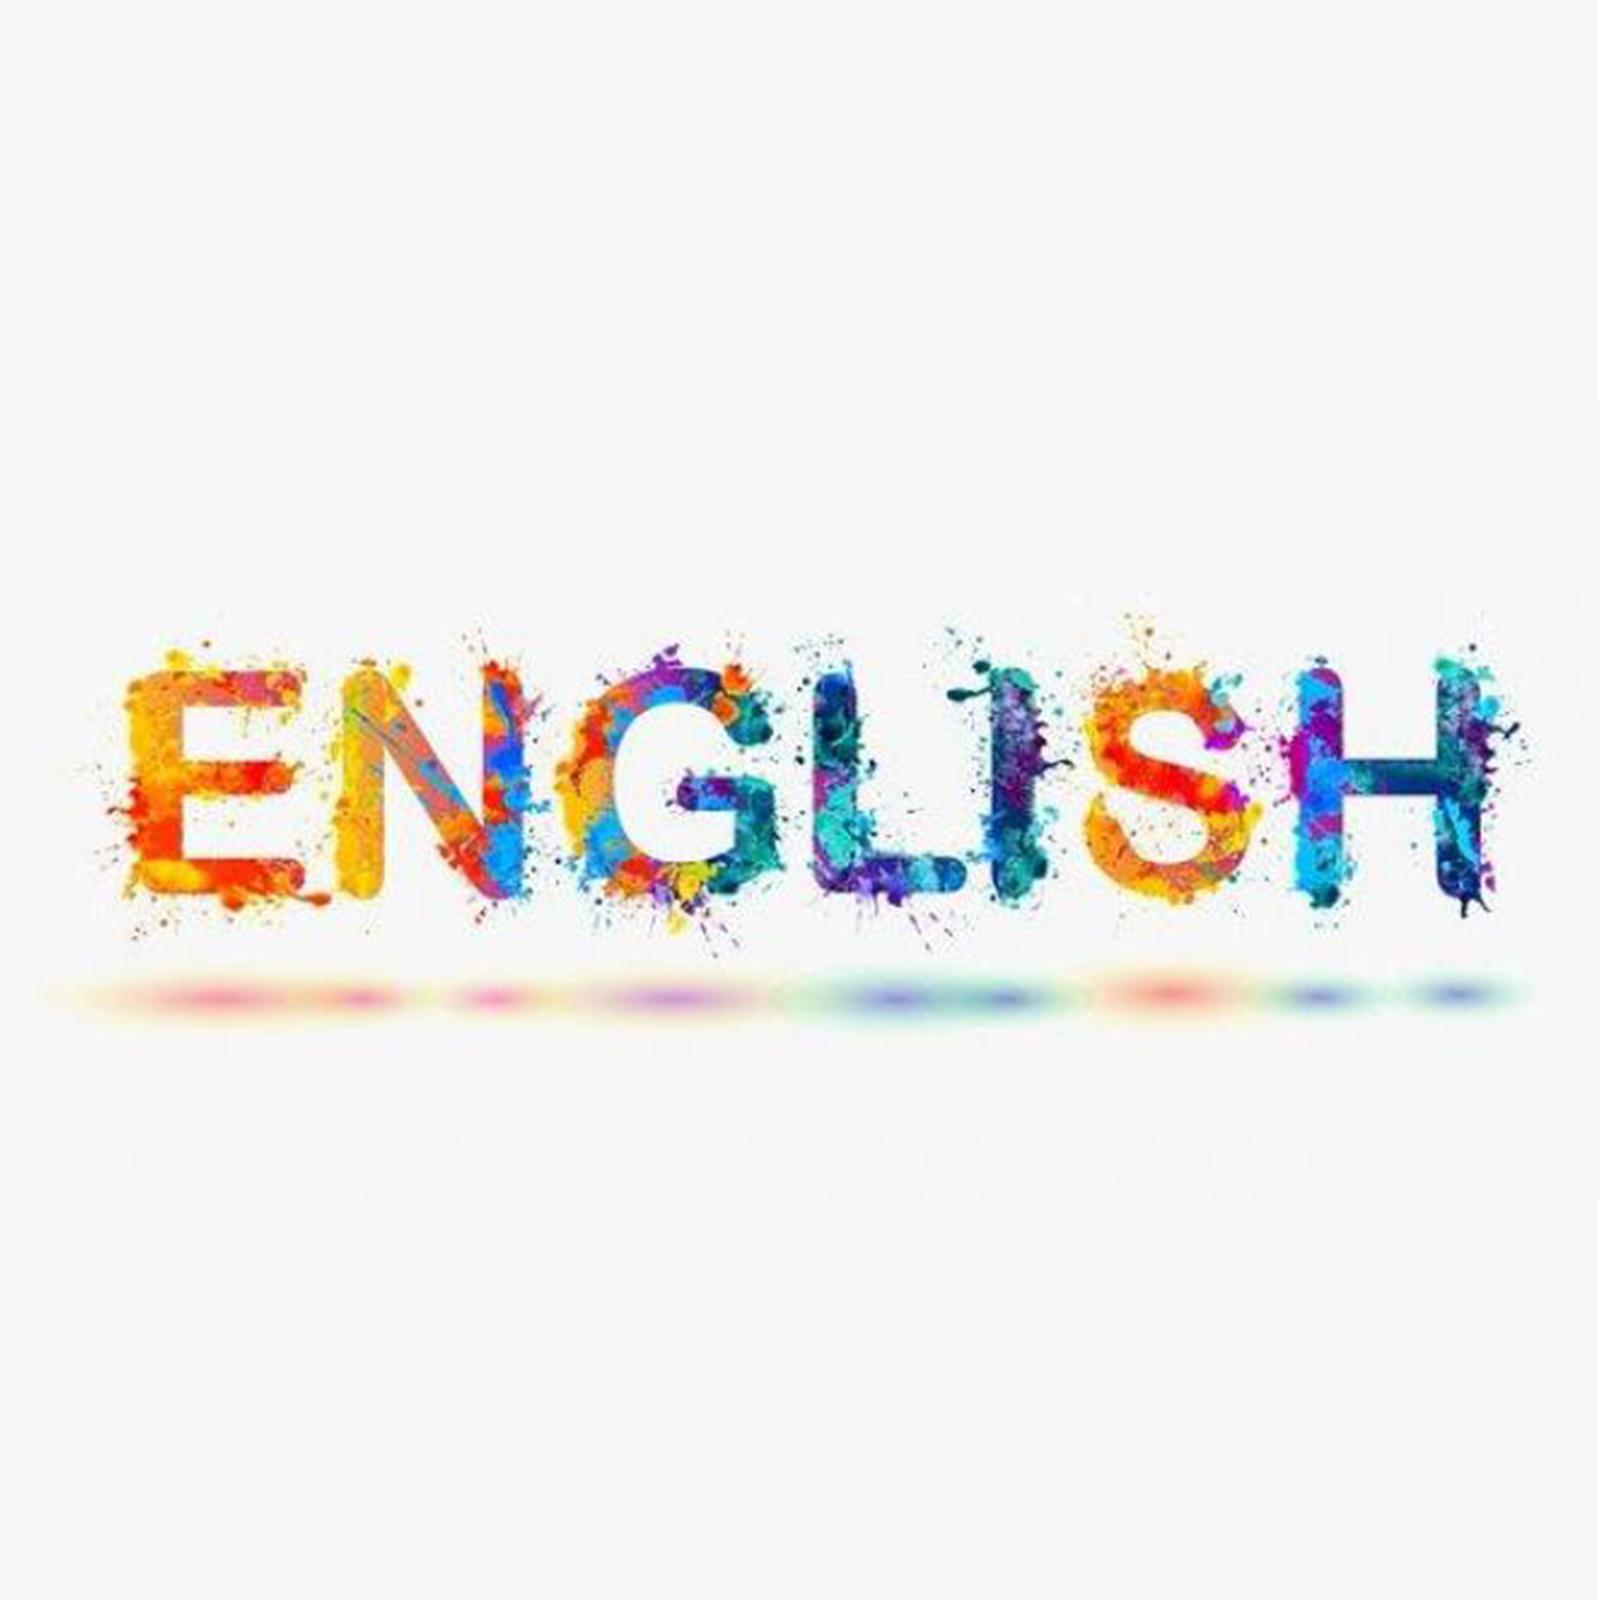 english-image